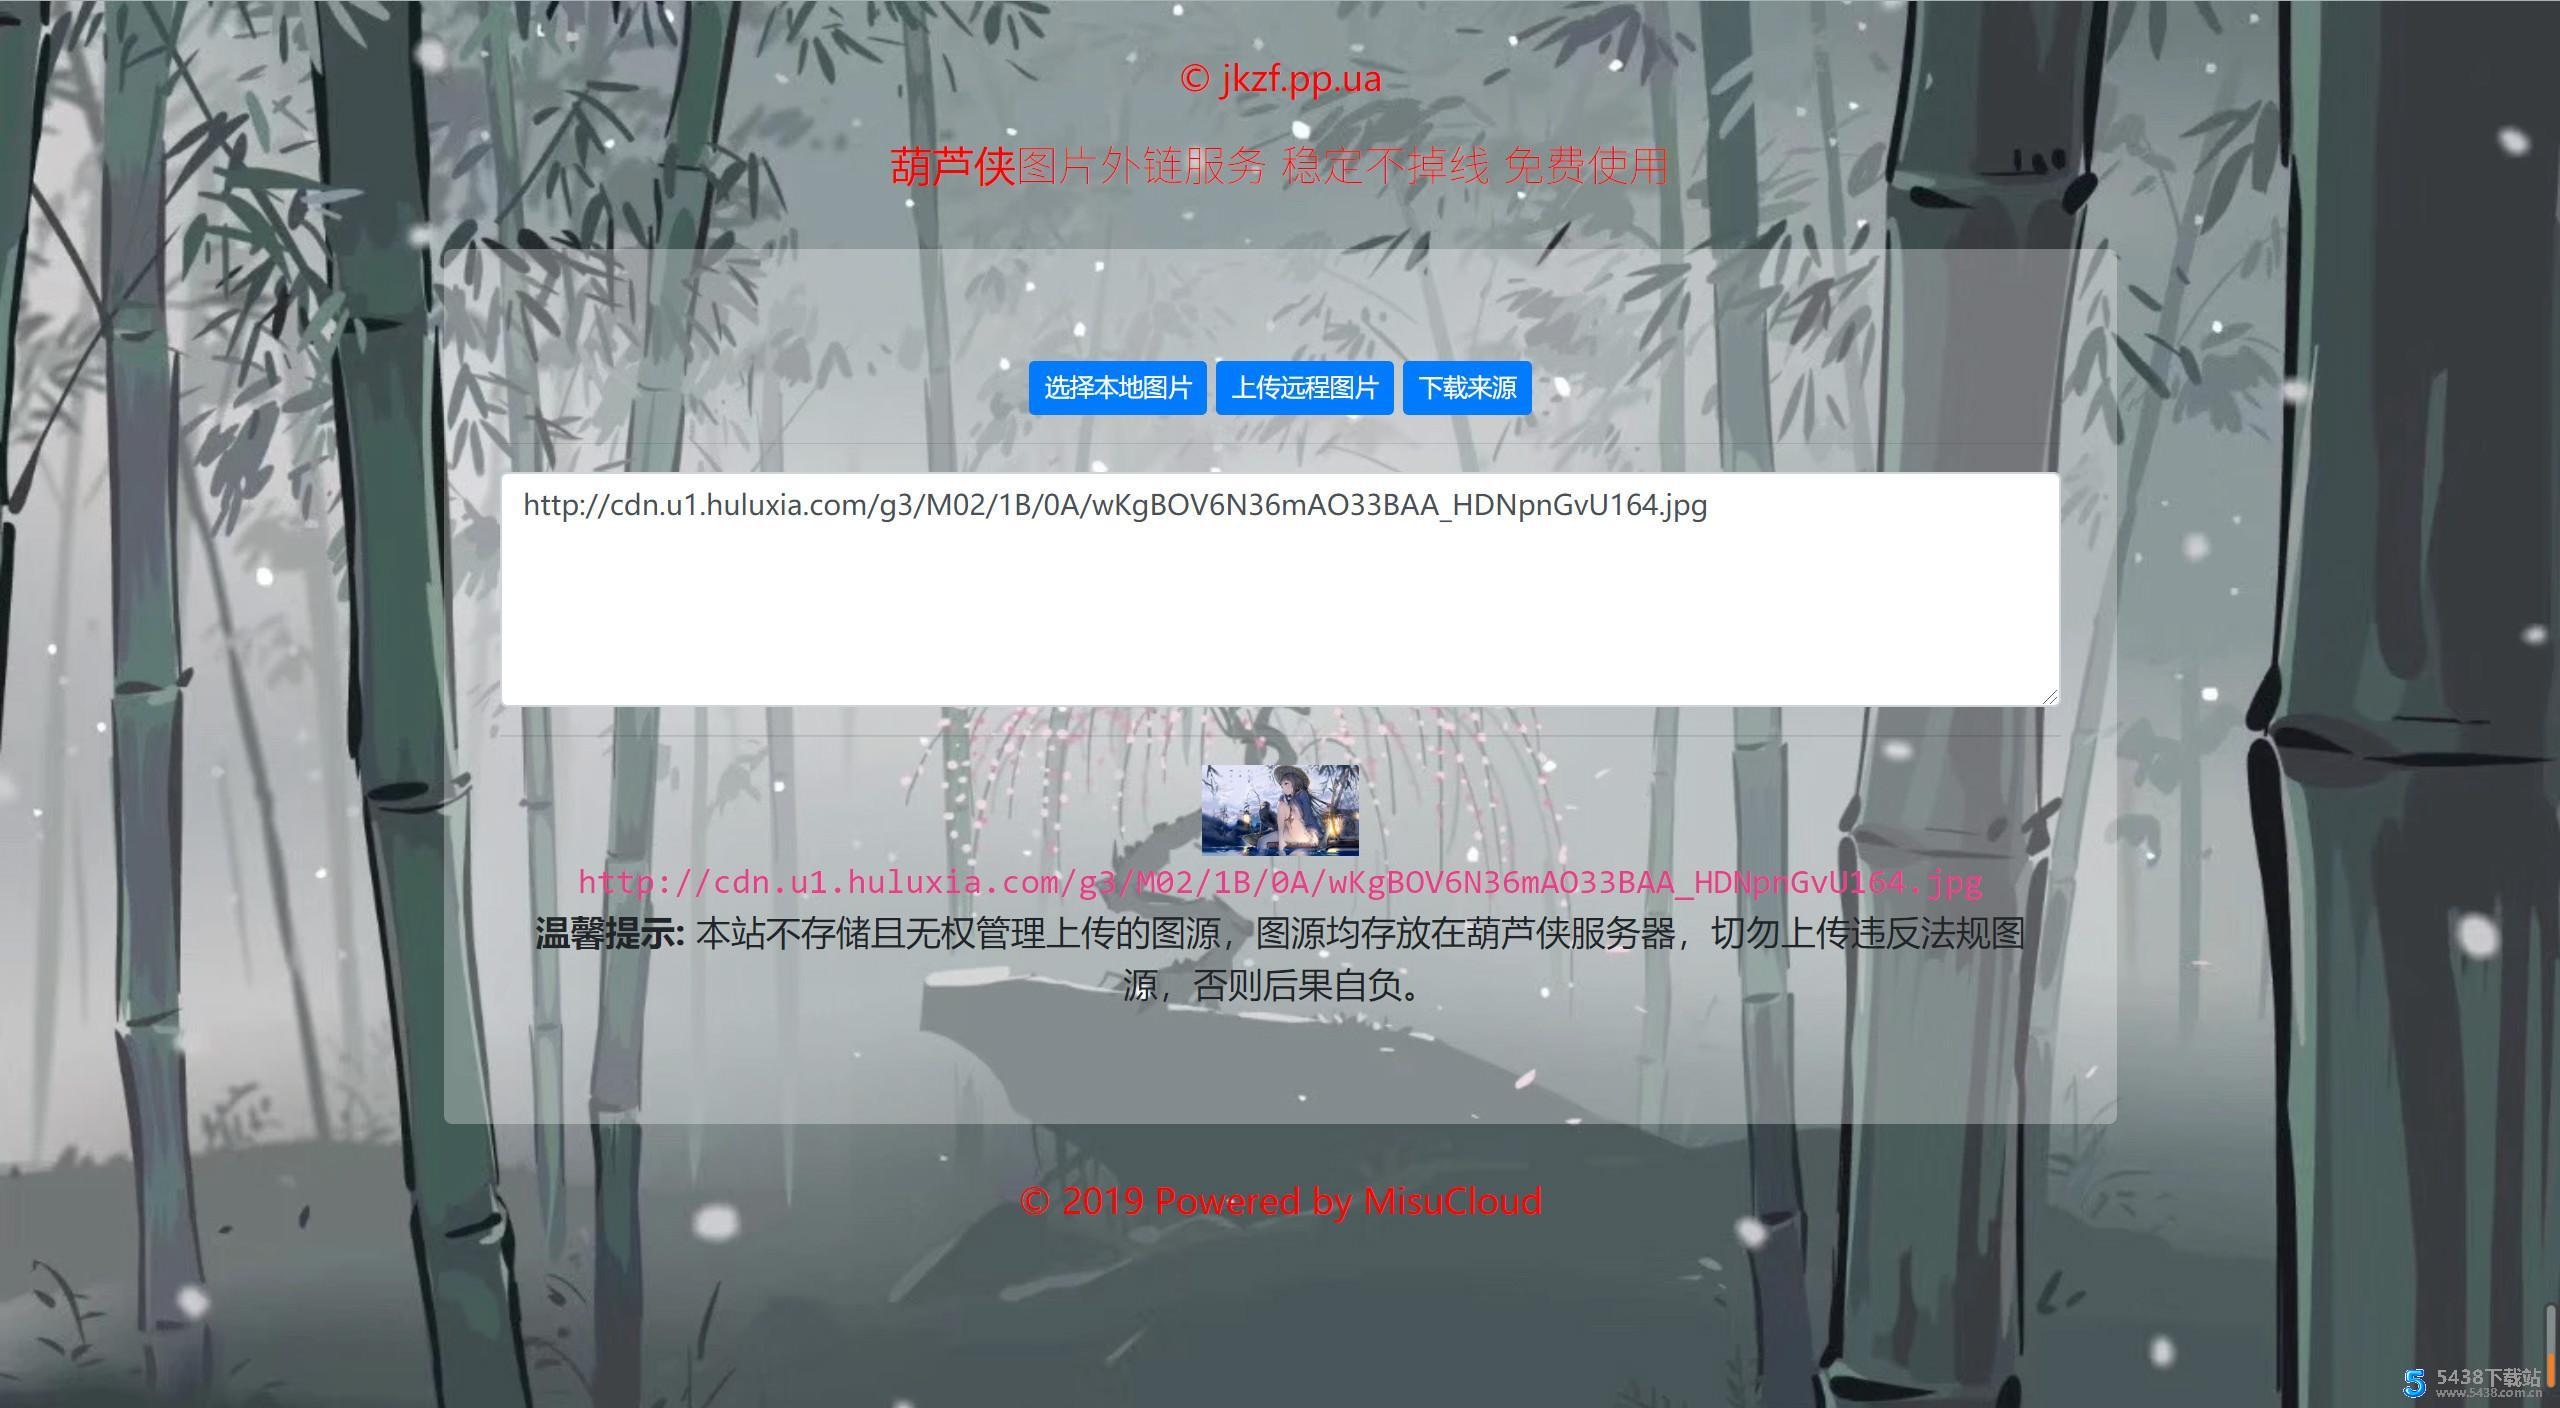 葫芦侠图床带API网站源码 切勿非法用途图片